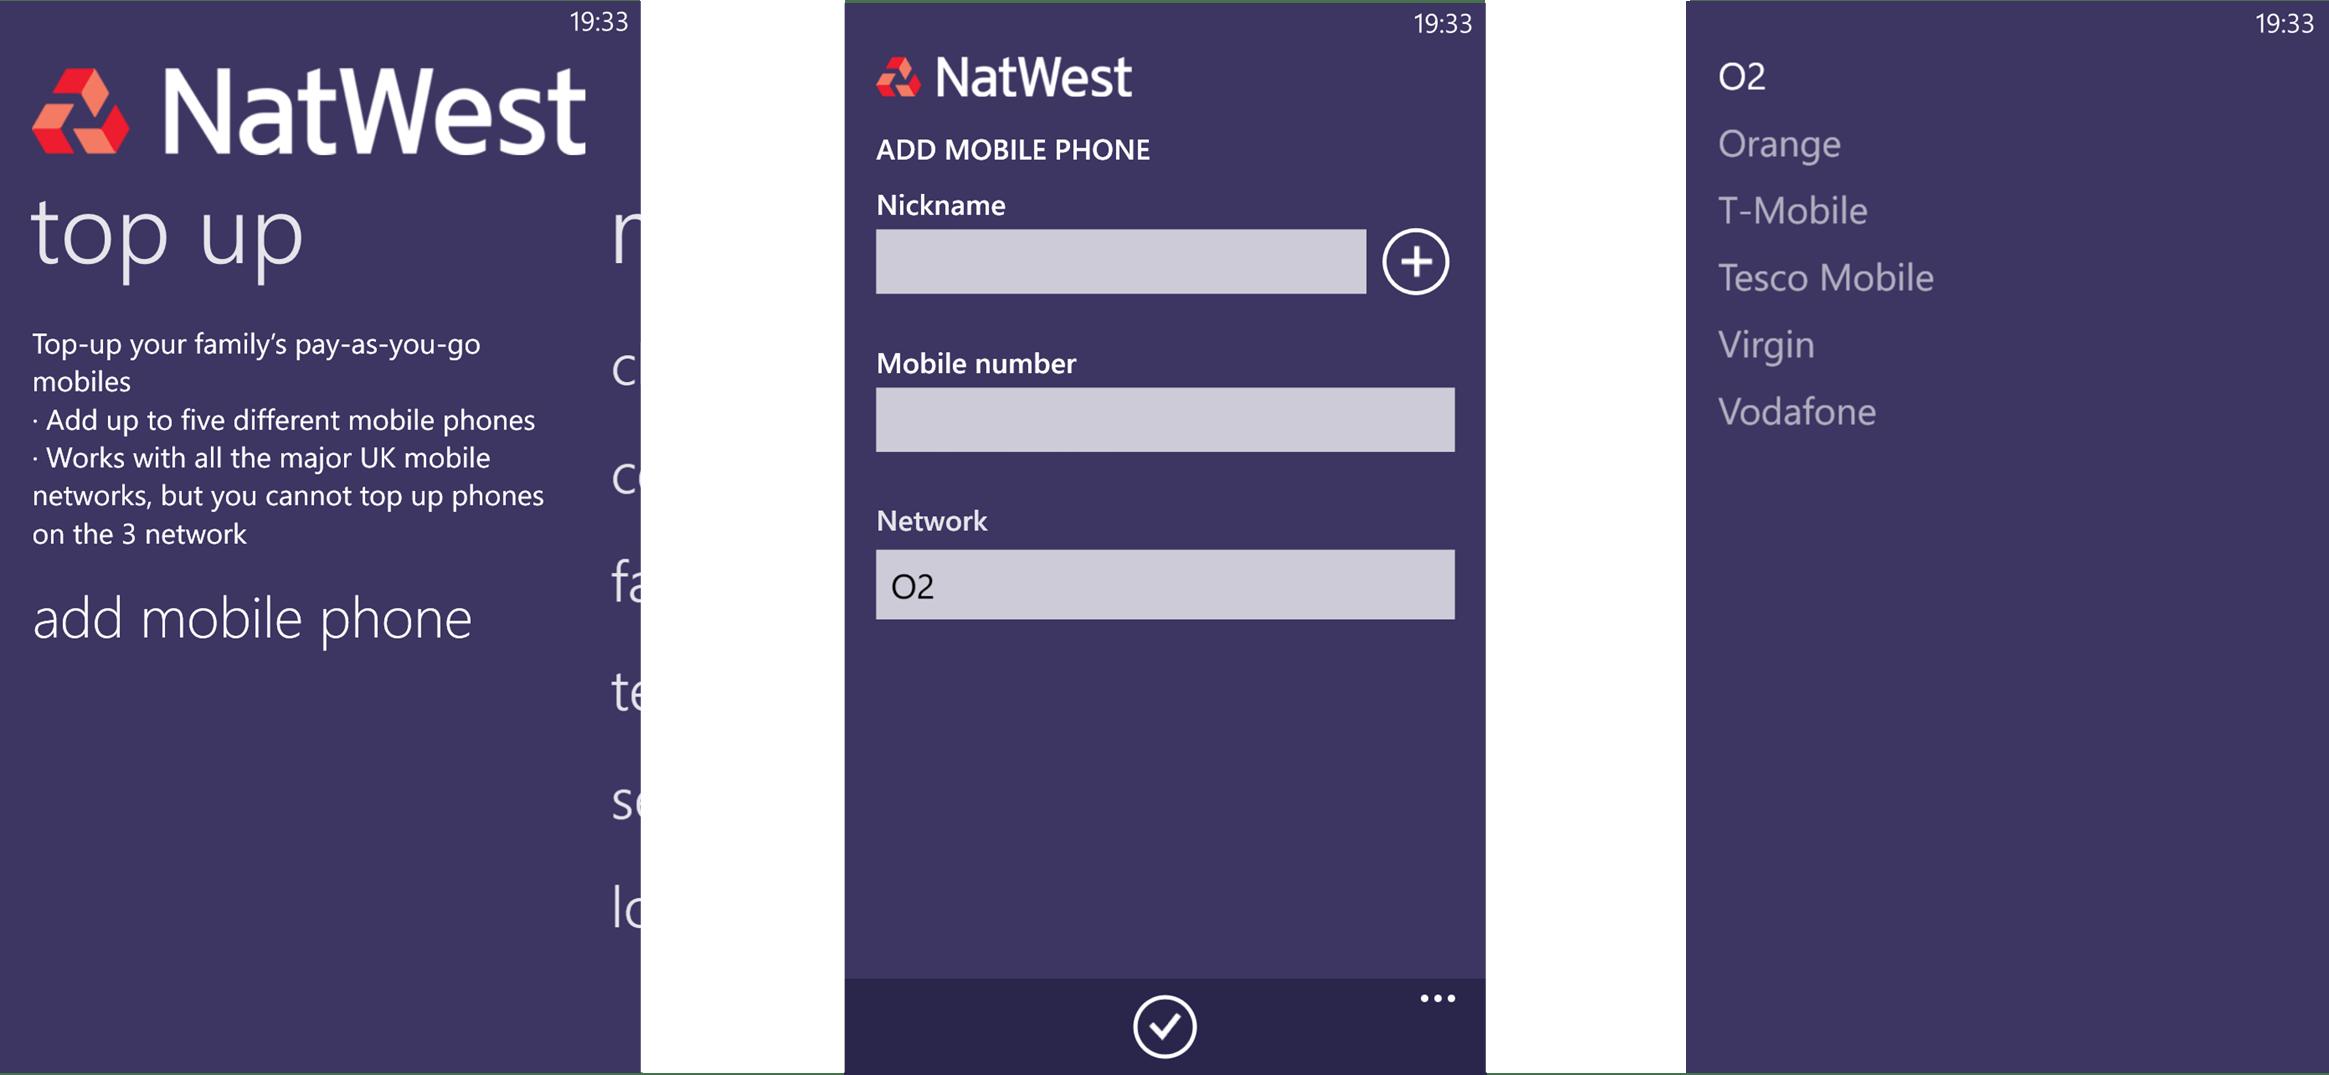 NatWest App (6) TopUp